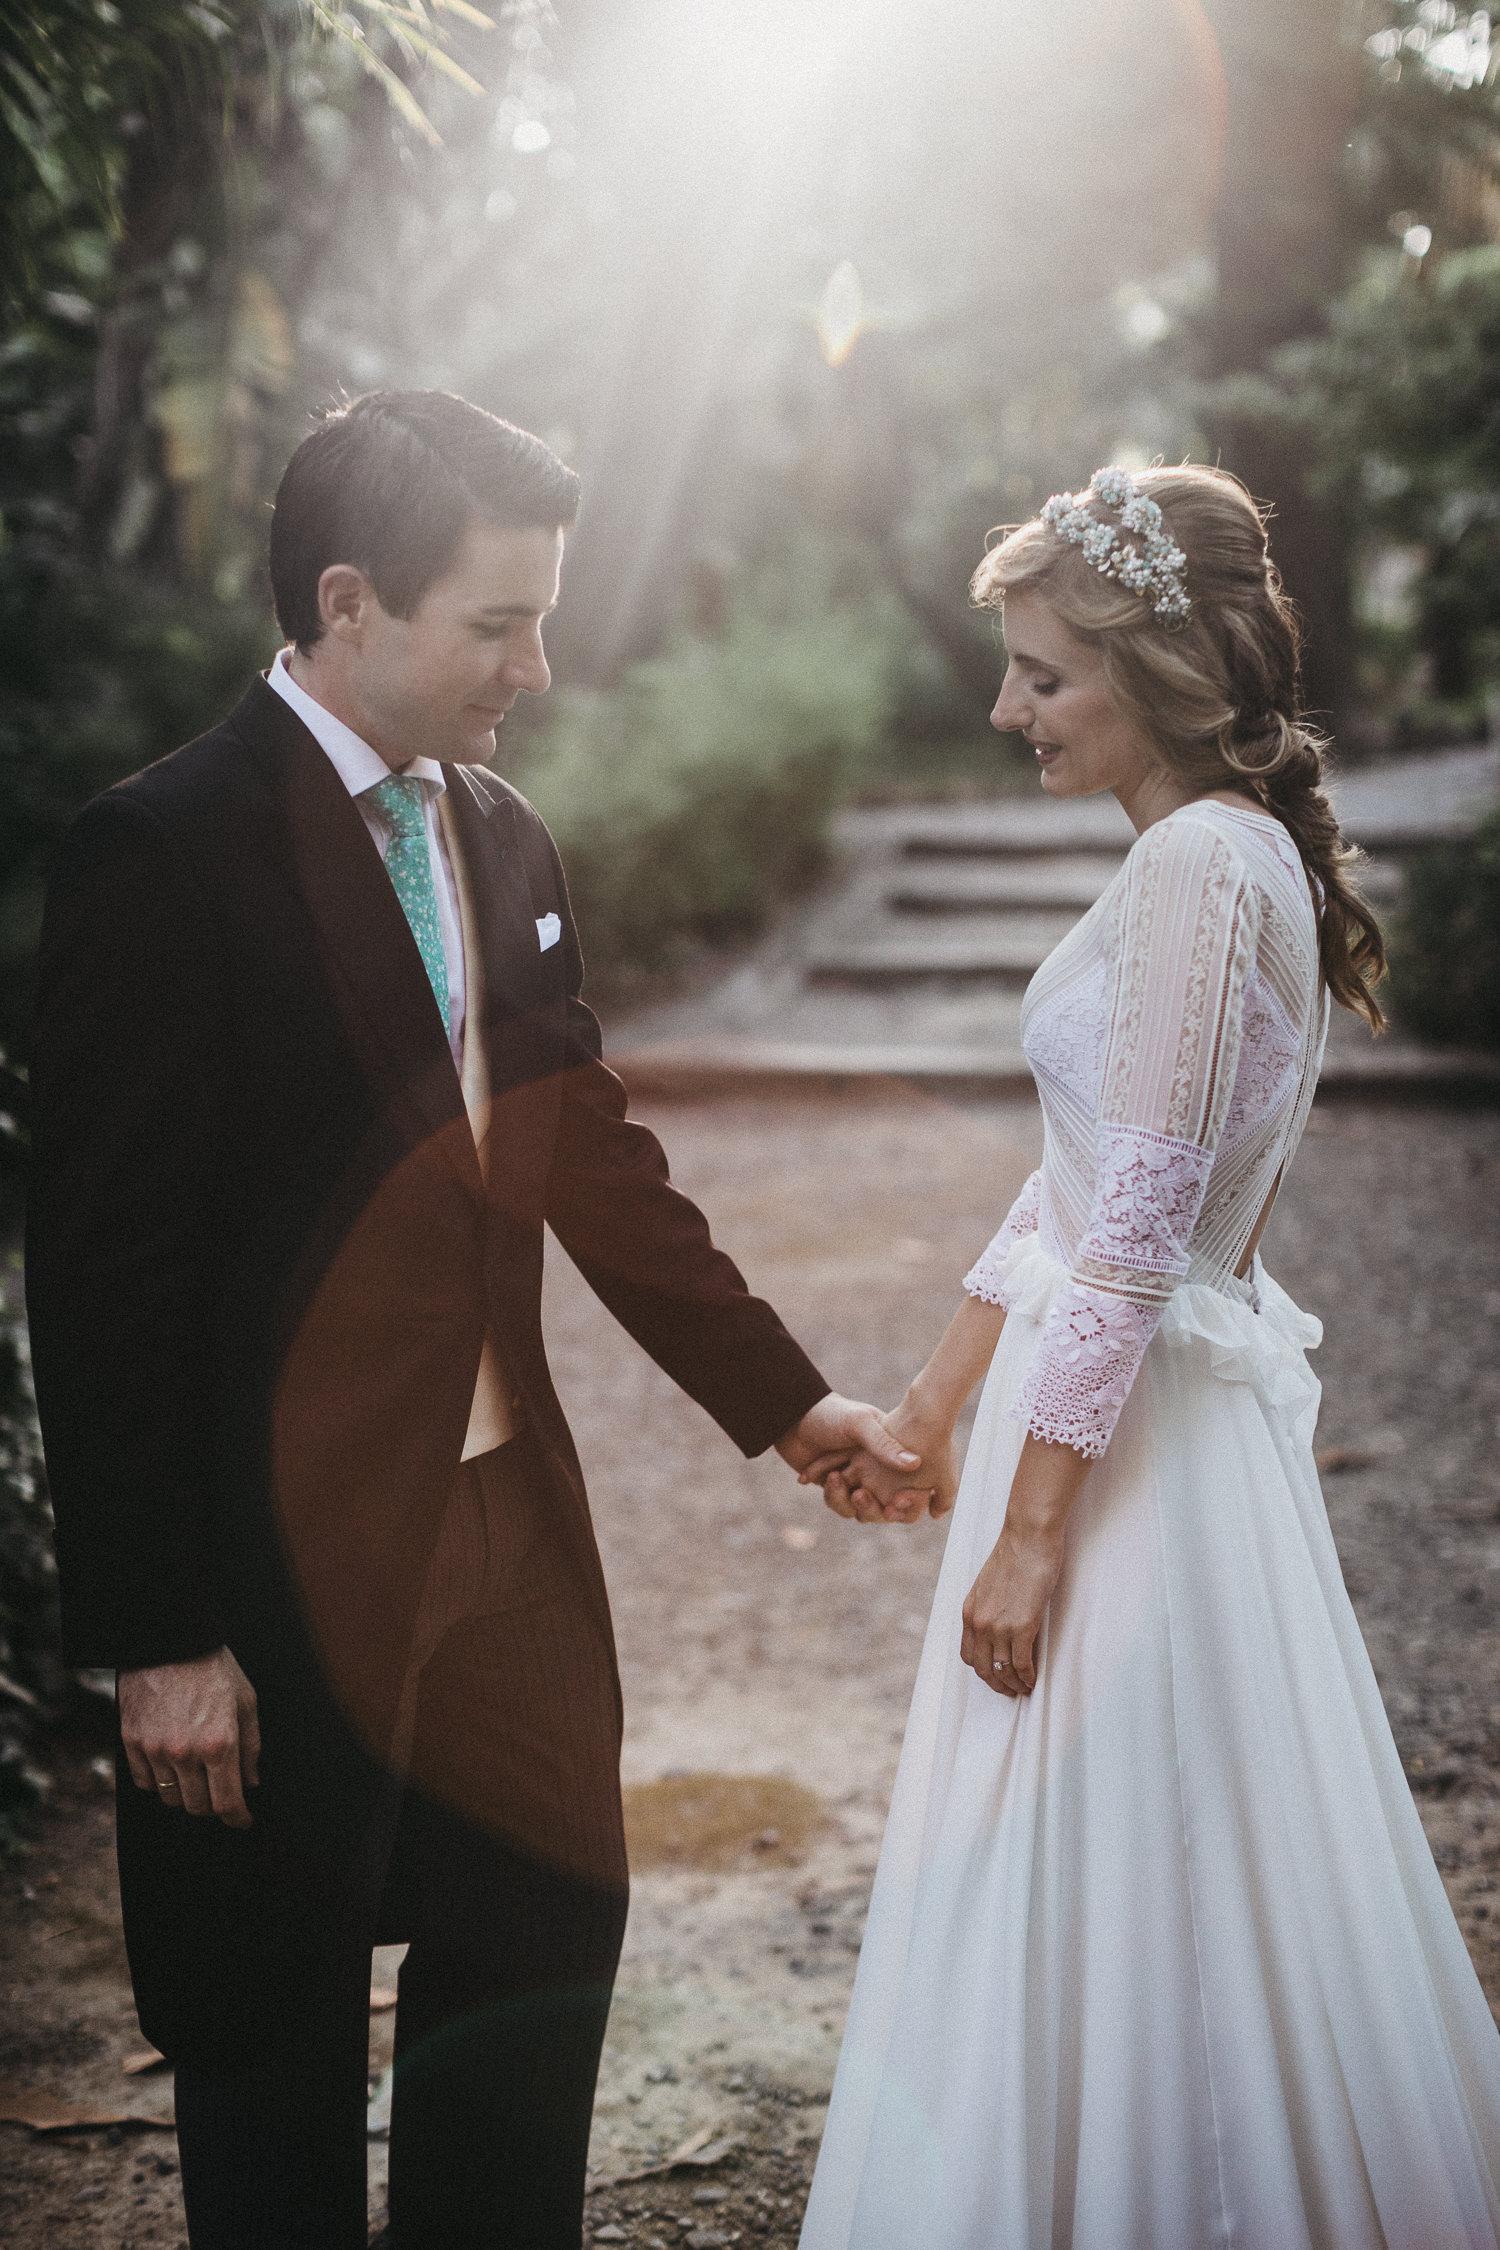 Fotografo de bodas españa serafin castillo wedding photographer spain 961.jpg